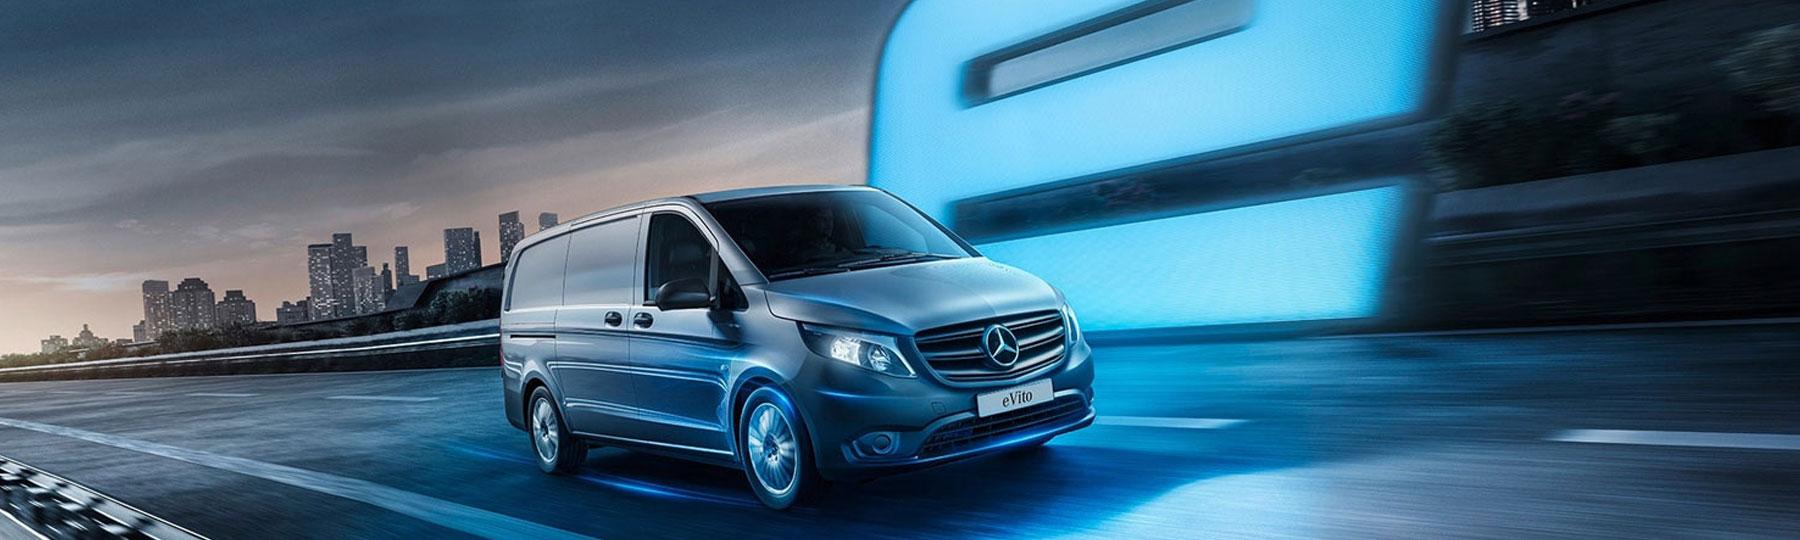 New Mercedes-Benz eVito New Van Offer